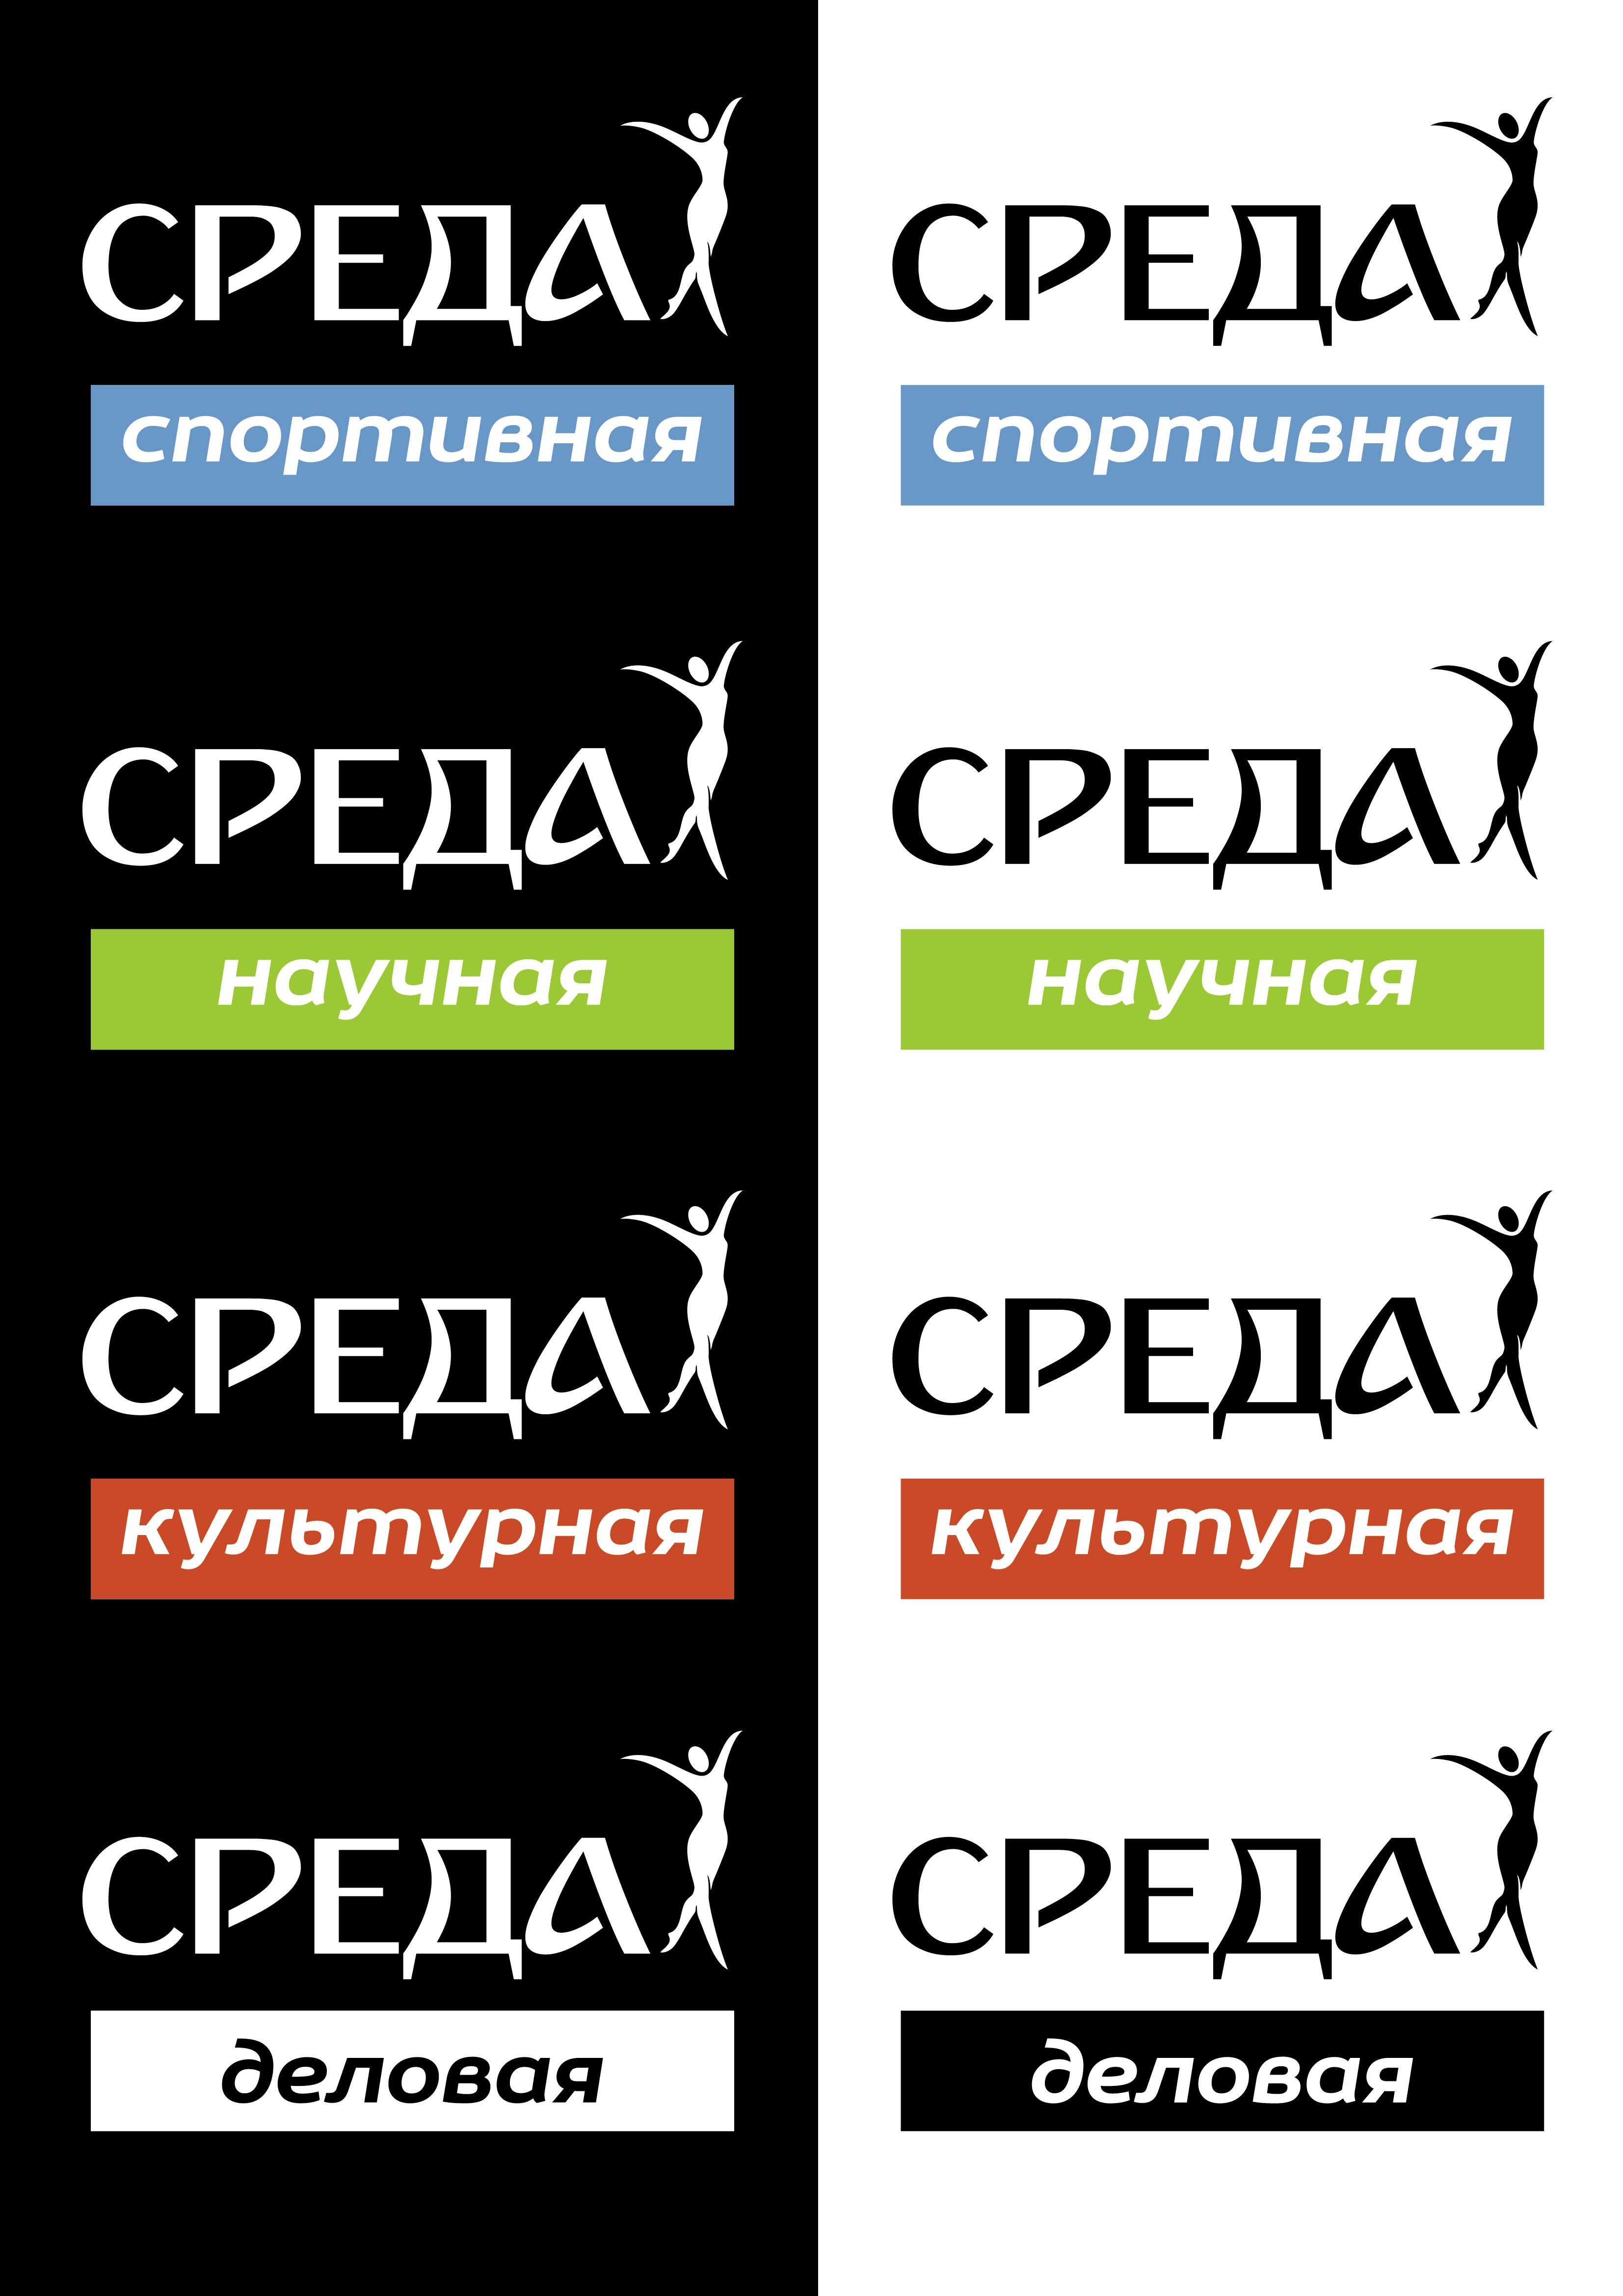 Разработка логотипа для творческого портала фото f_2775b45cd149ed4f.jpg